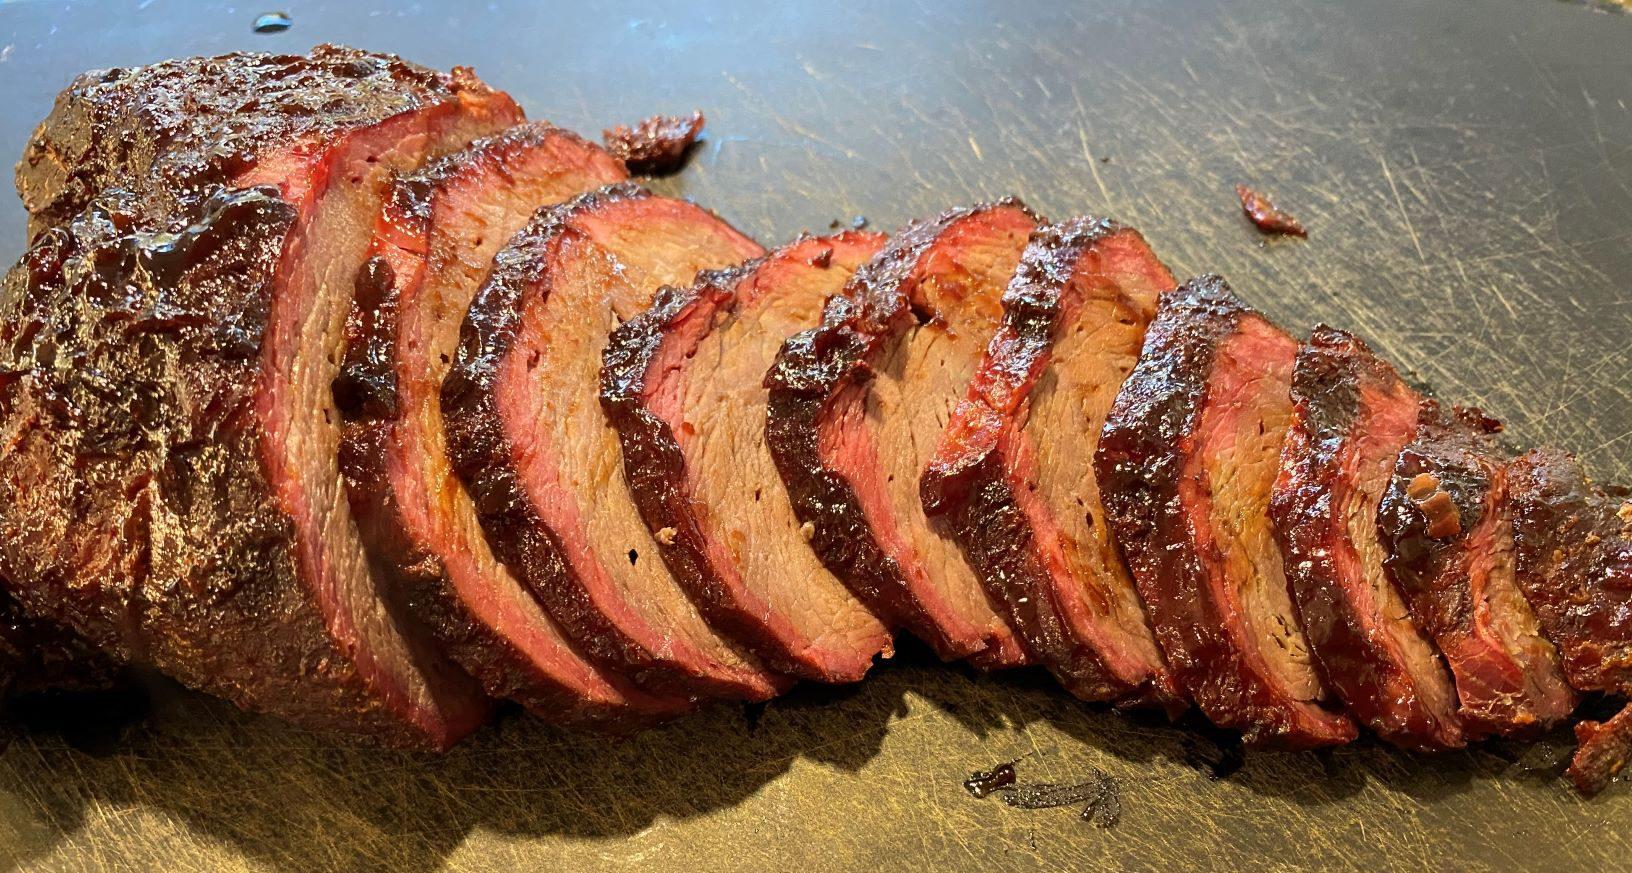 Chuck mock tender filet roast eye